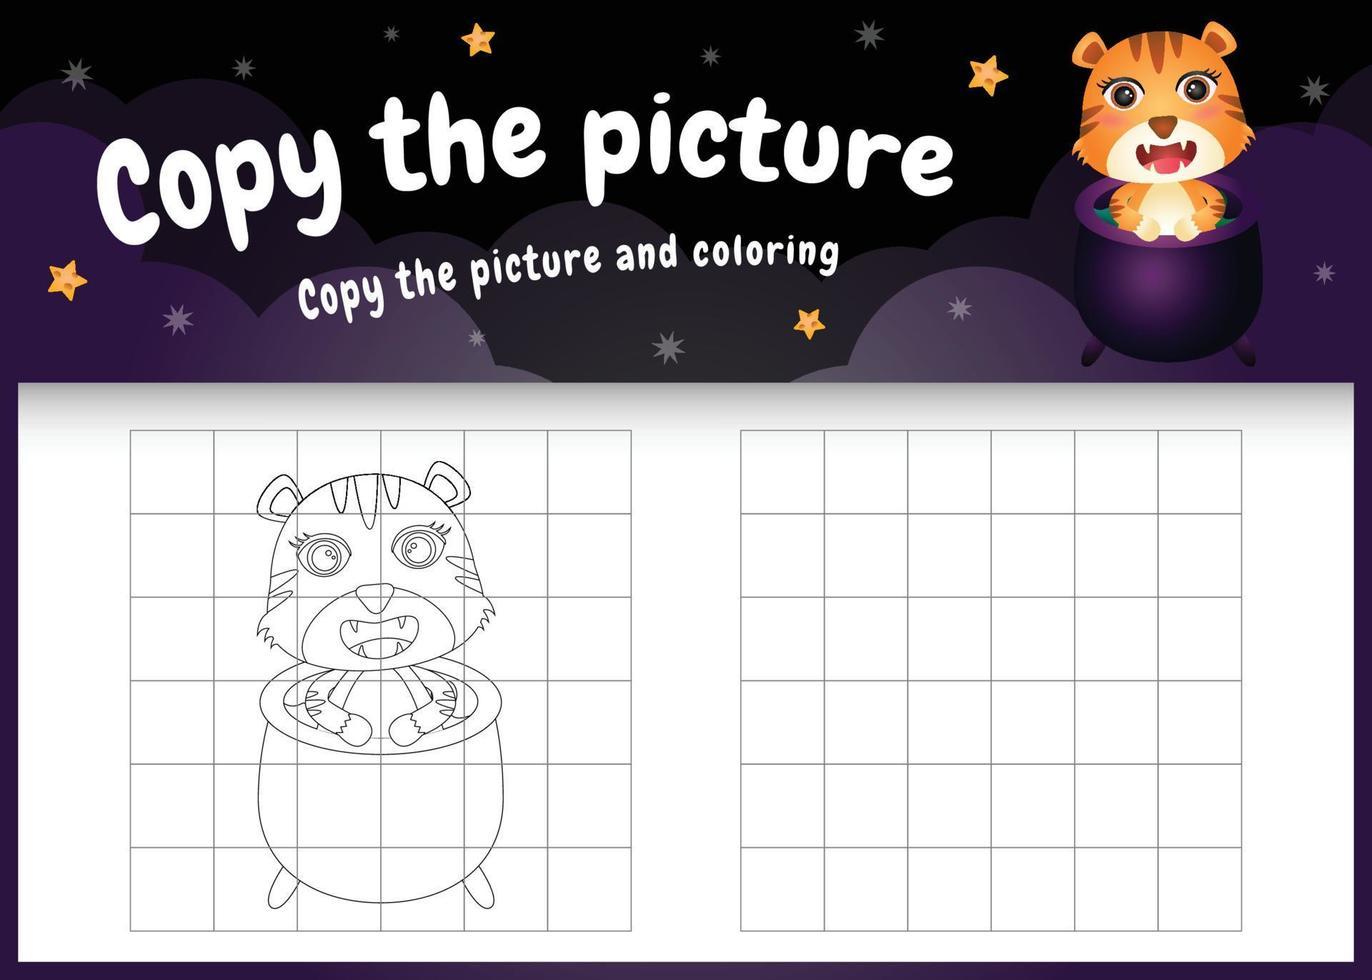 kopiere das bild kinderspiel und die ausmalseite mit einem süßen tiger mit halloween-kostüm vektor